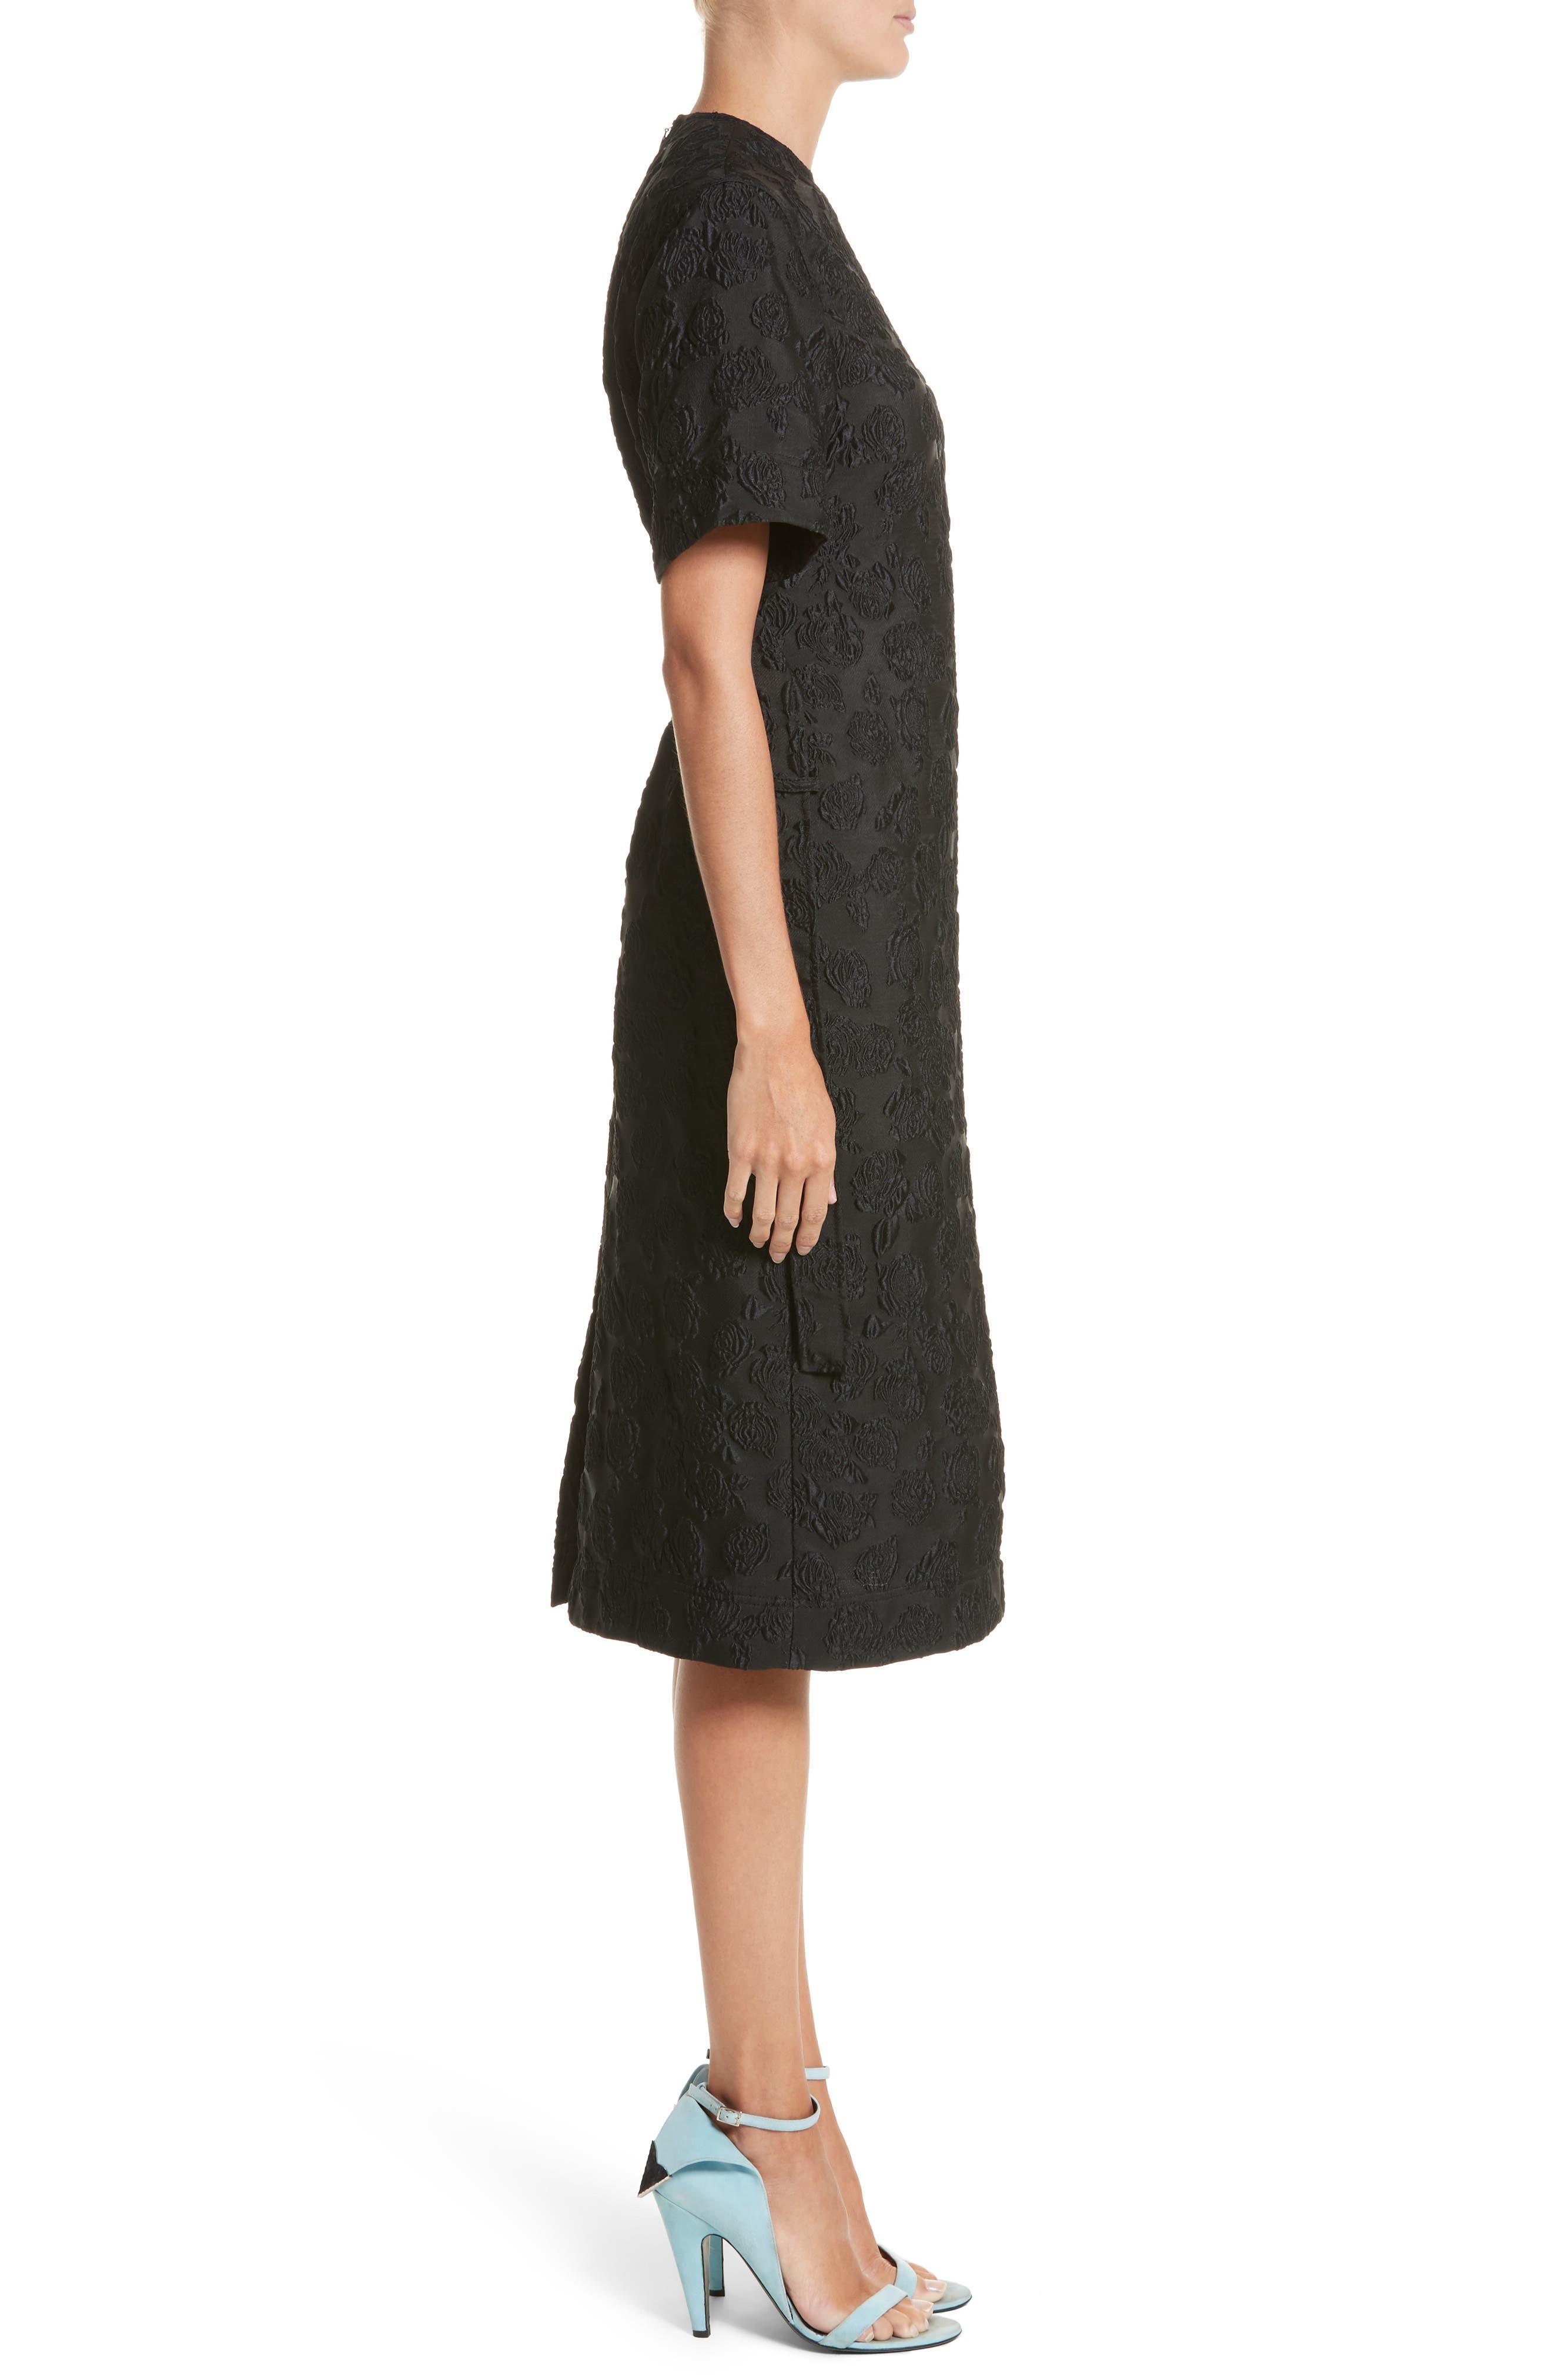 Rose Jacquard Dress,                             Alternate thumbnail 3, color,                             Black